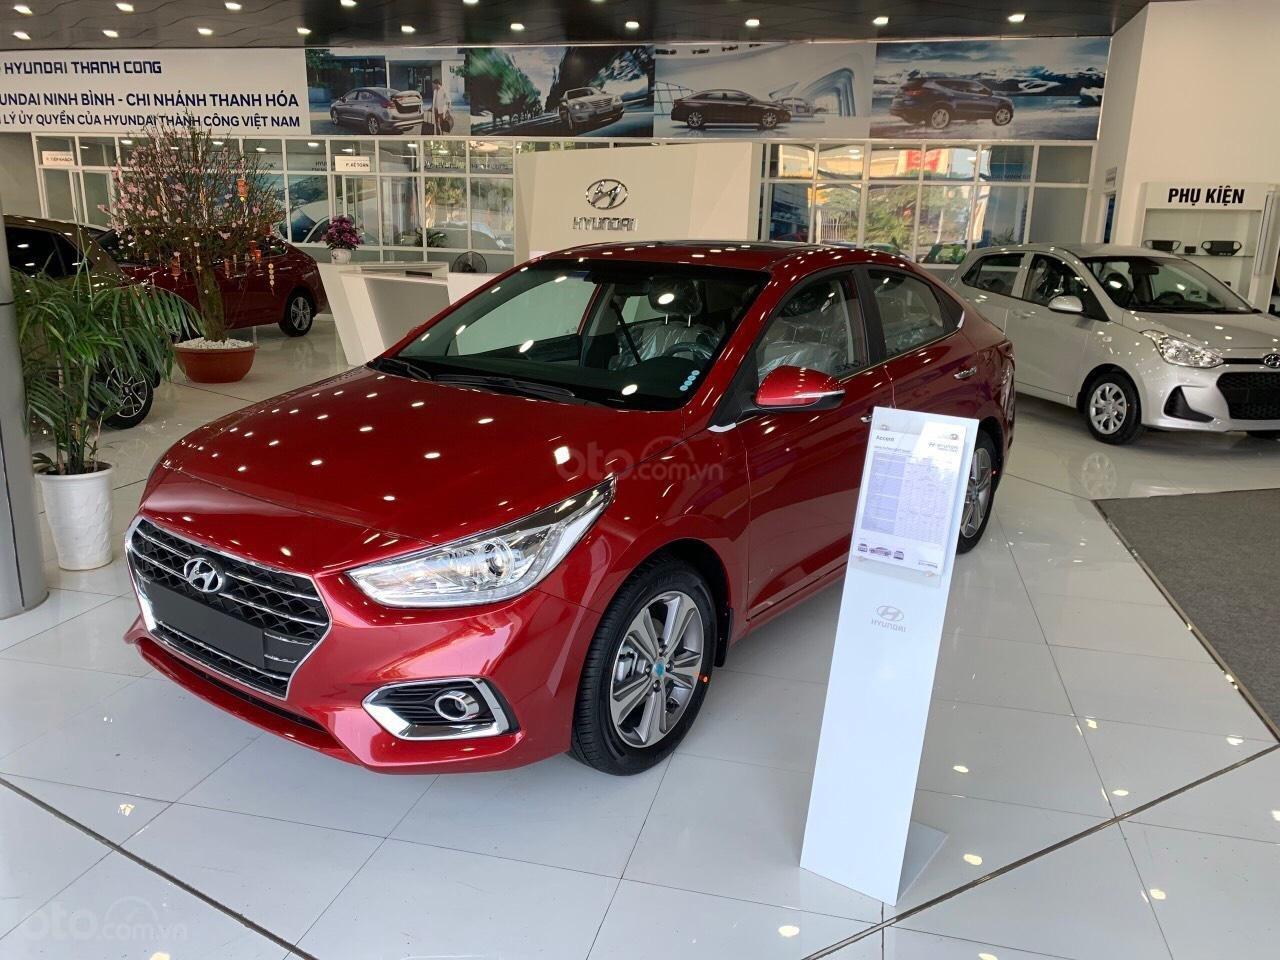 Hyundai Accent 2020 - khuyến mãi cực khủng - hỗ trợ lăn bánh giá tốt nhất thị trường (1)